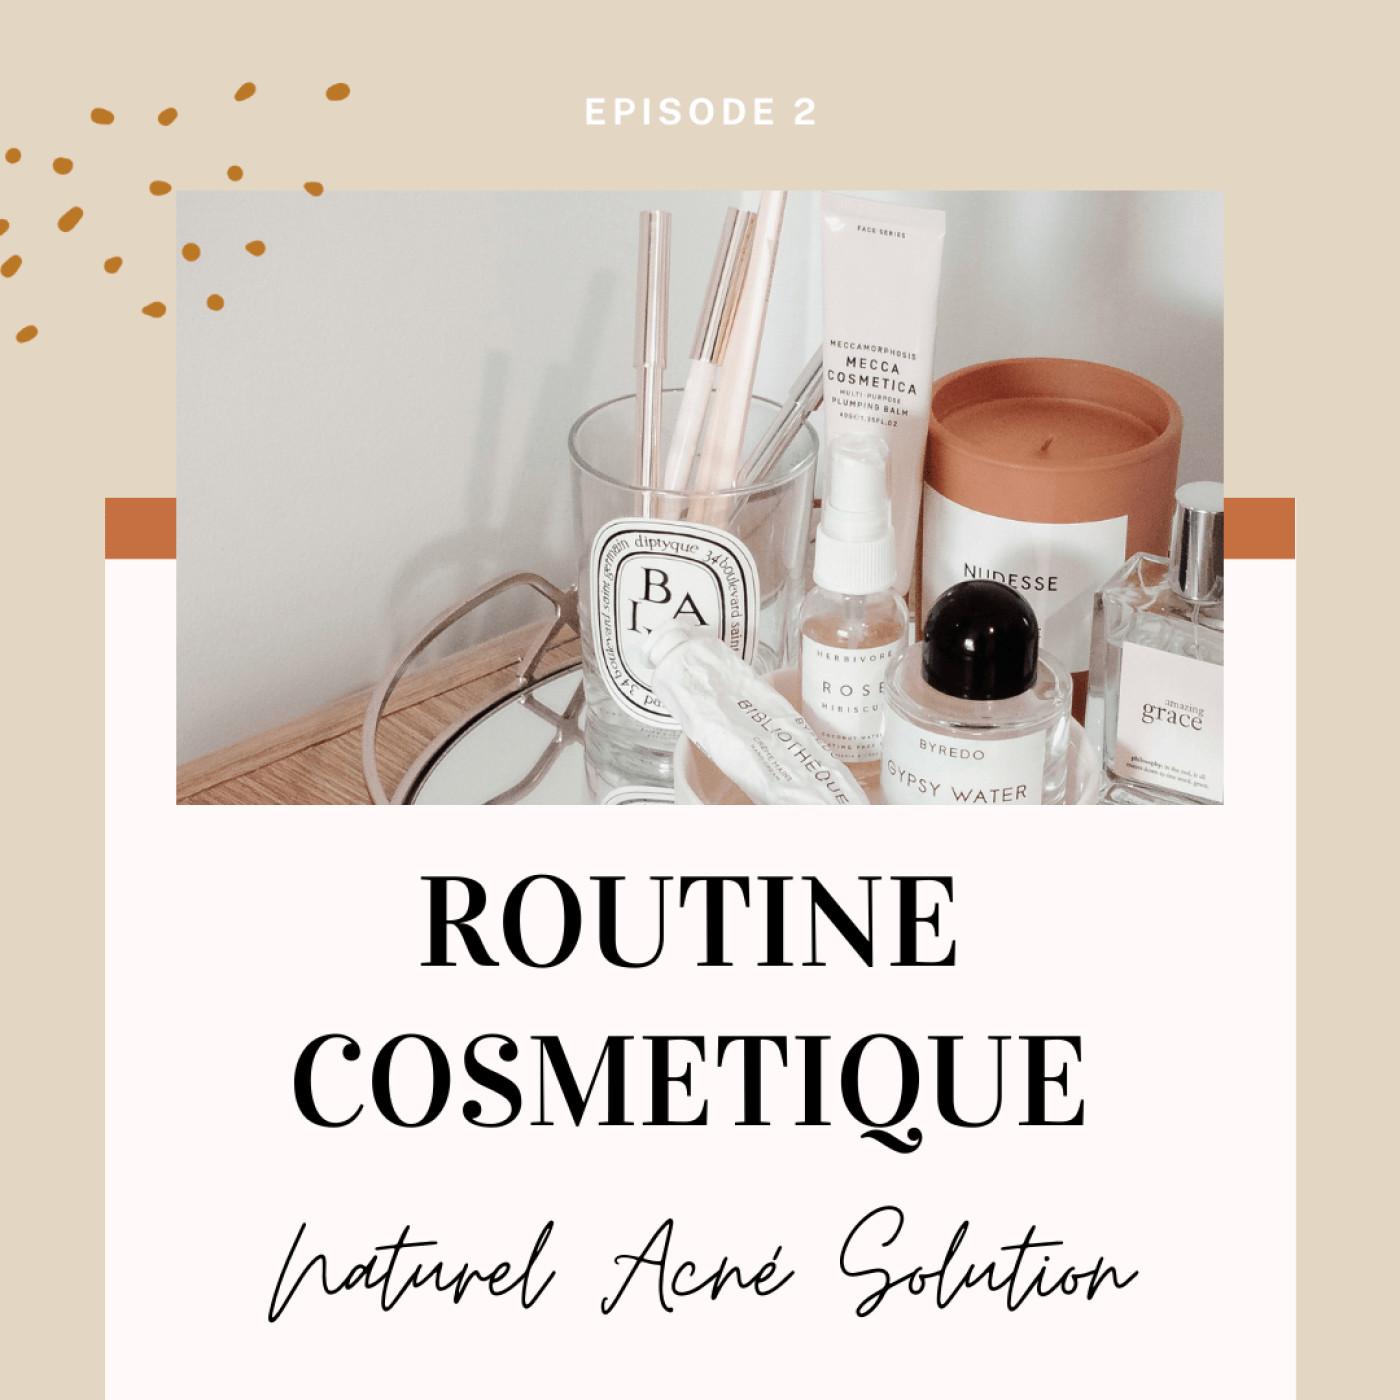 Episode 2 - Routine cosmétique